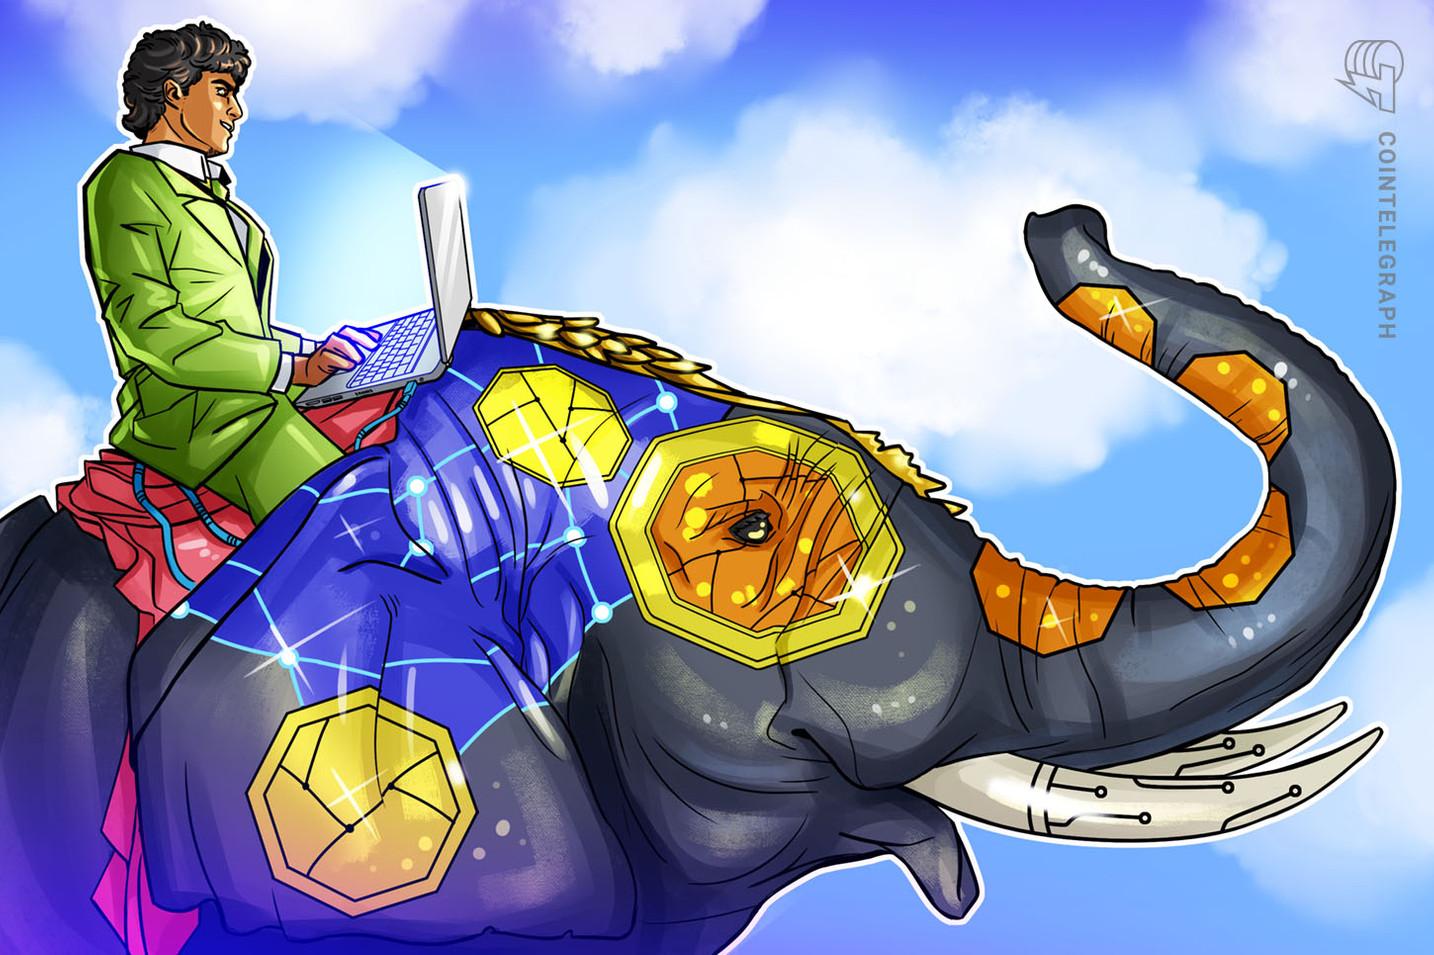 Un exchange de criptomonedas indio se convierte en unicornio tras una ronda de financiación de 90 millones de dólares